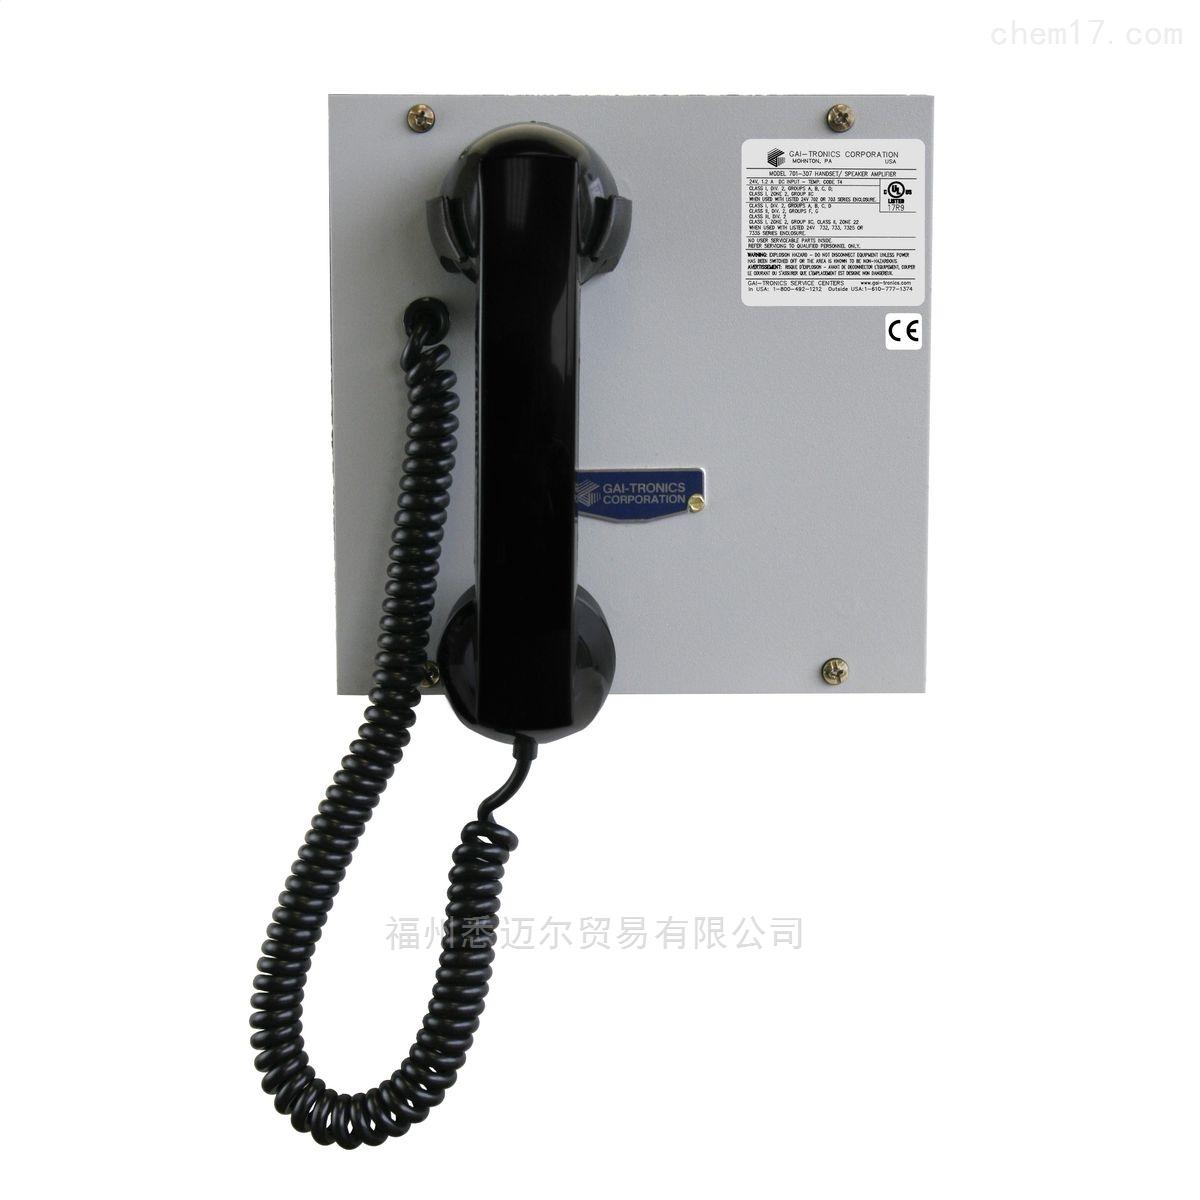 GAI-TRONICS 电话机